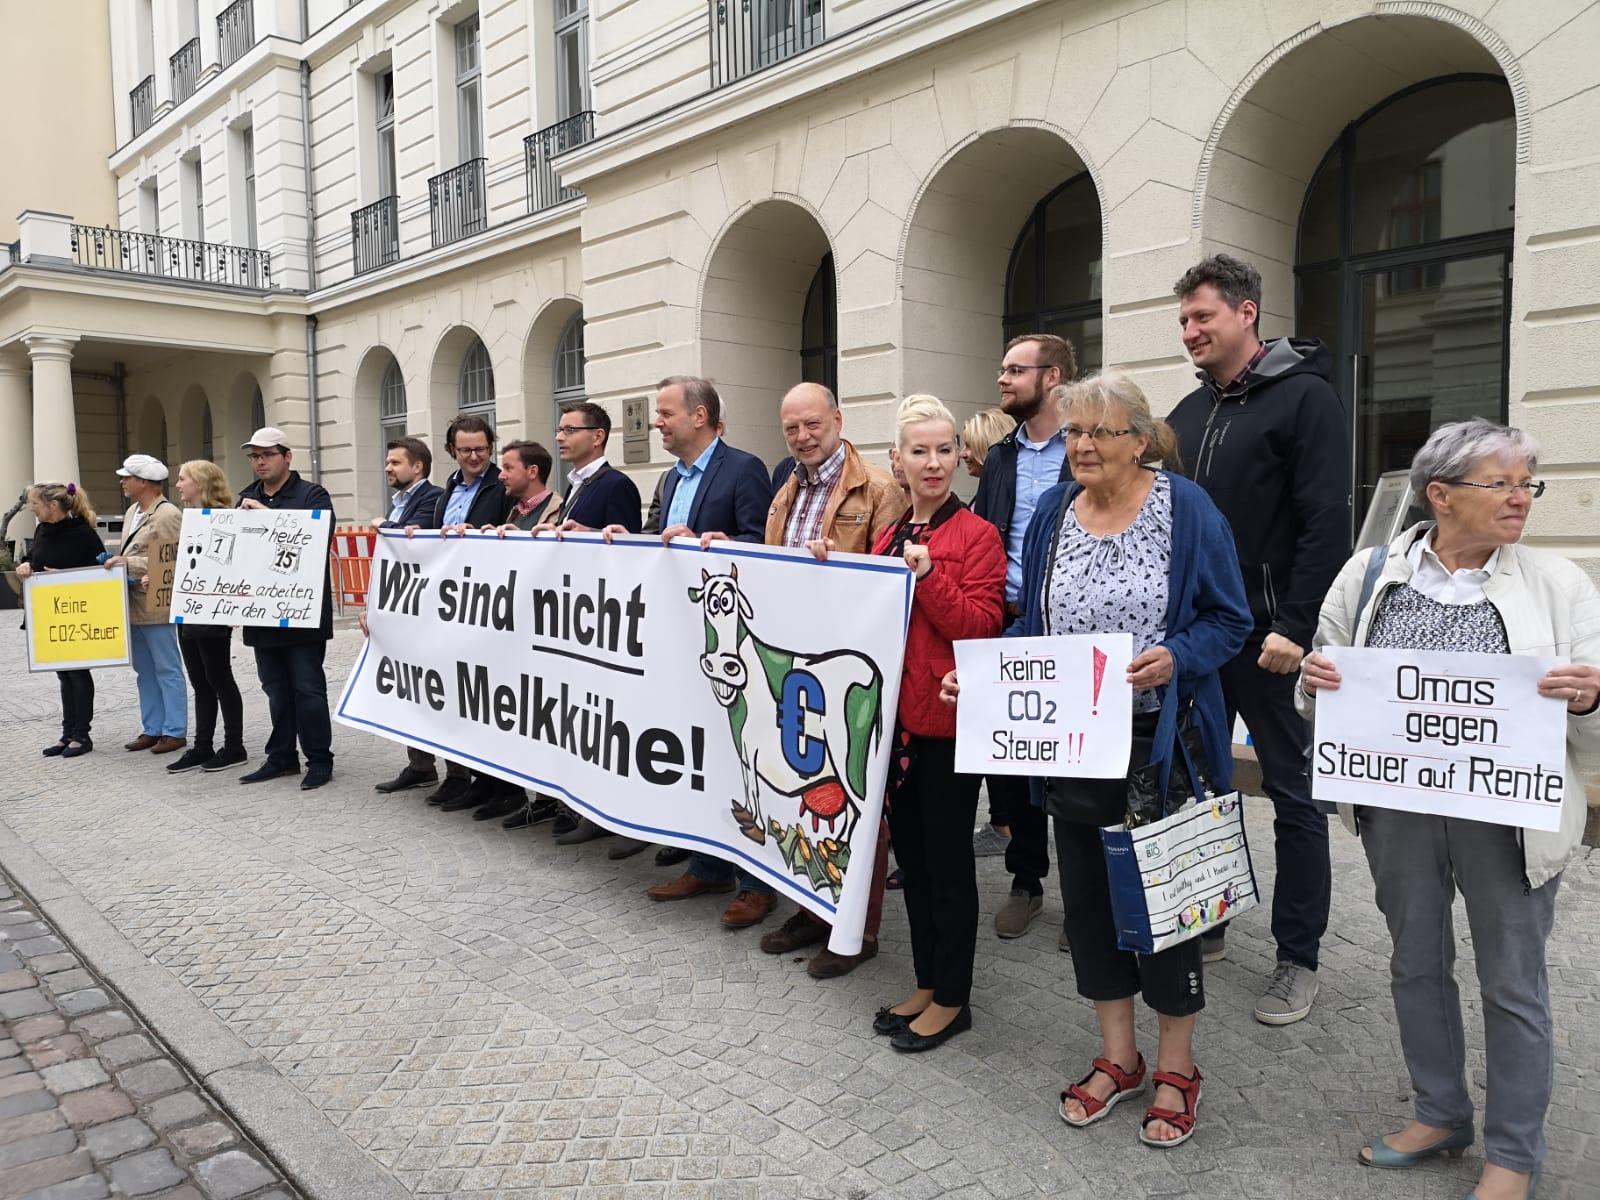 Steuerzahlergedenktag: Mahnwache vor dem Finanzministerium